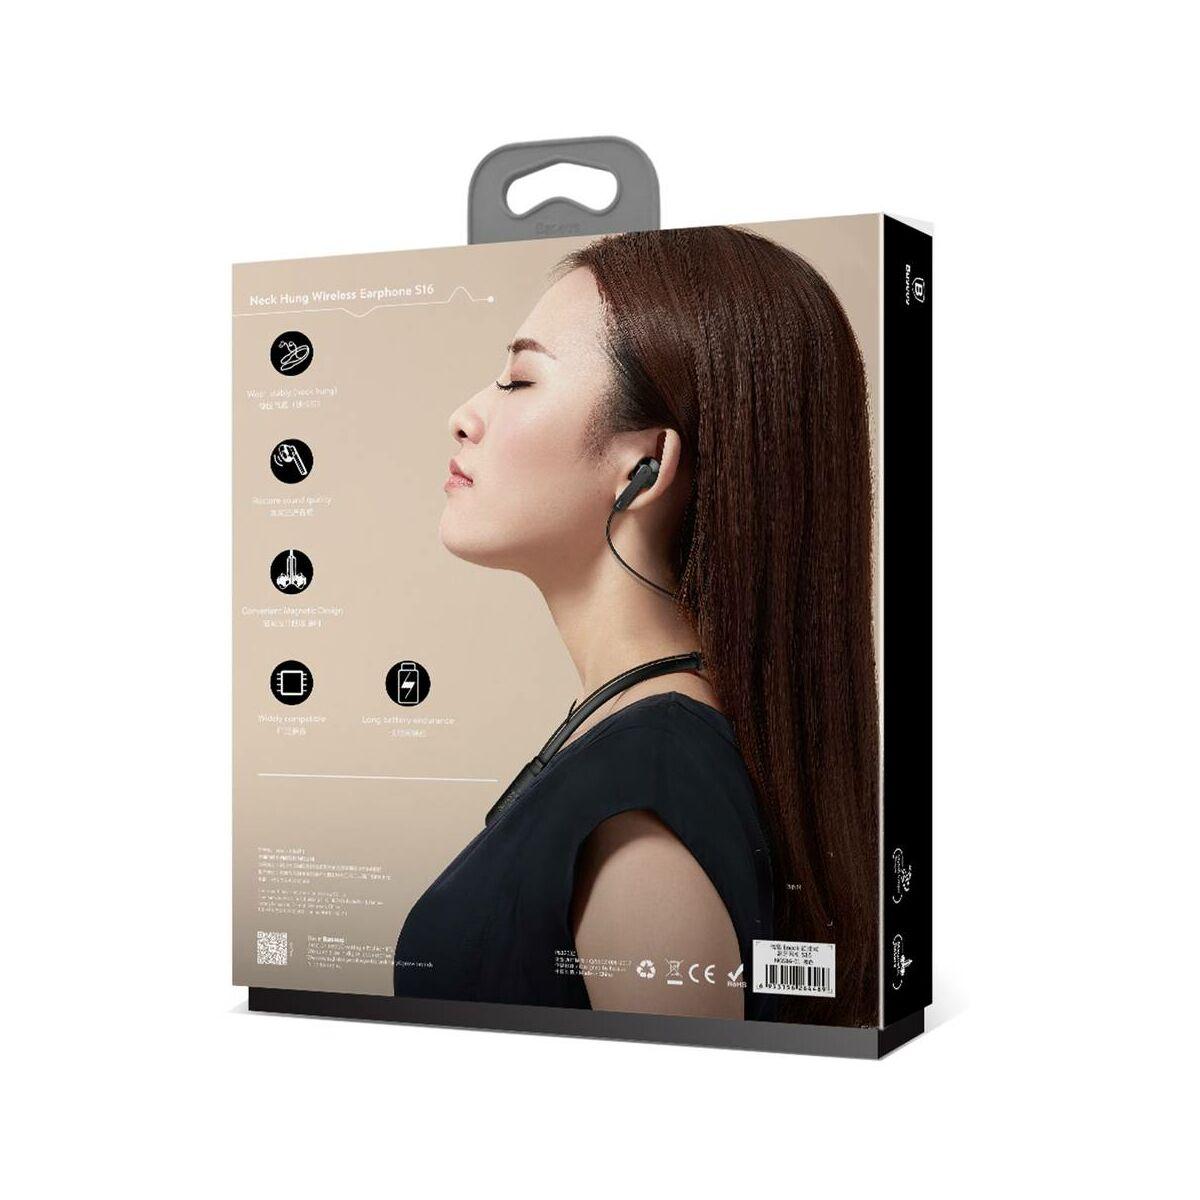 Baseus fülhallgató, Bluetooth Encok S16, nyakba akasztható, fekete (NGS16-01)